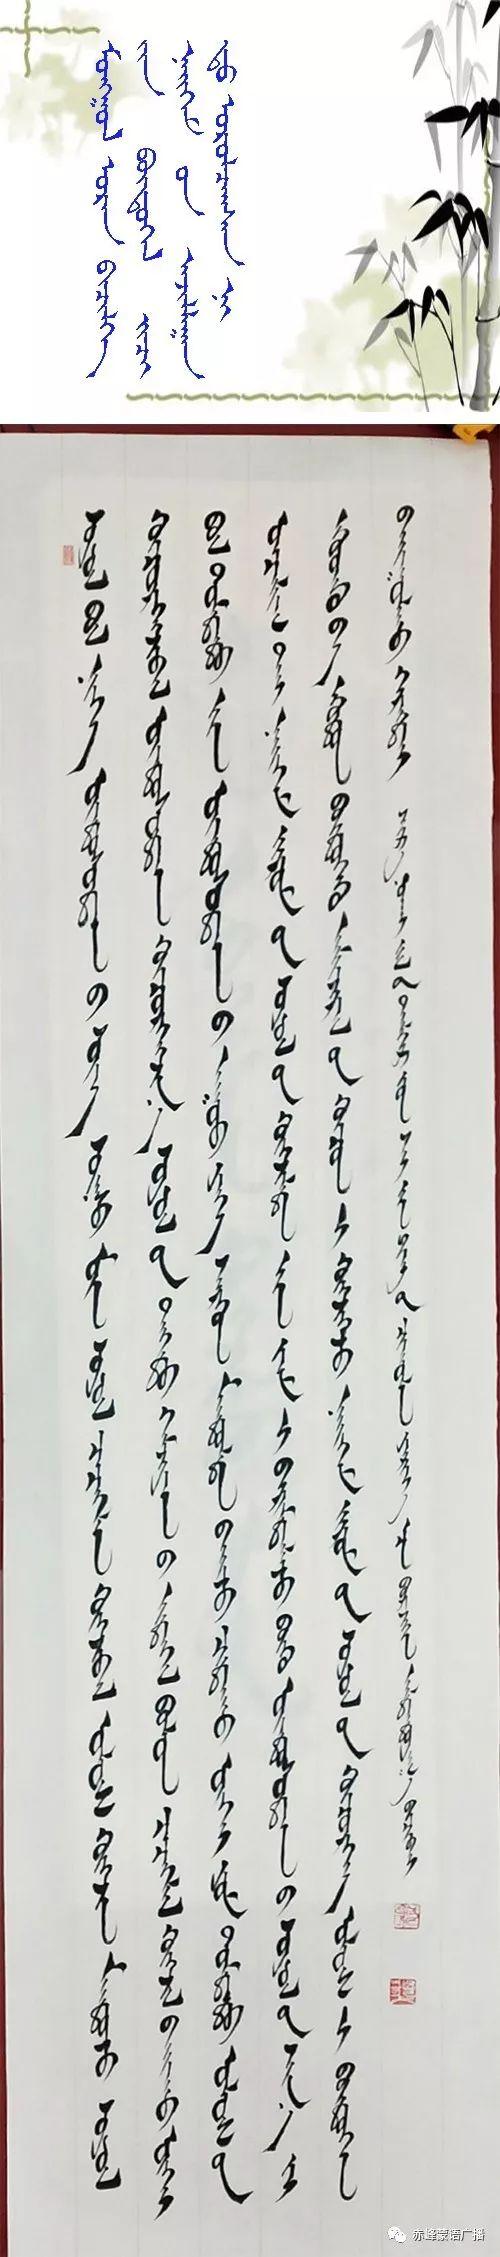 【音频】《赤峰蒙古族书法家》系列采访 (22) 第6张